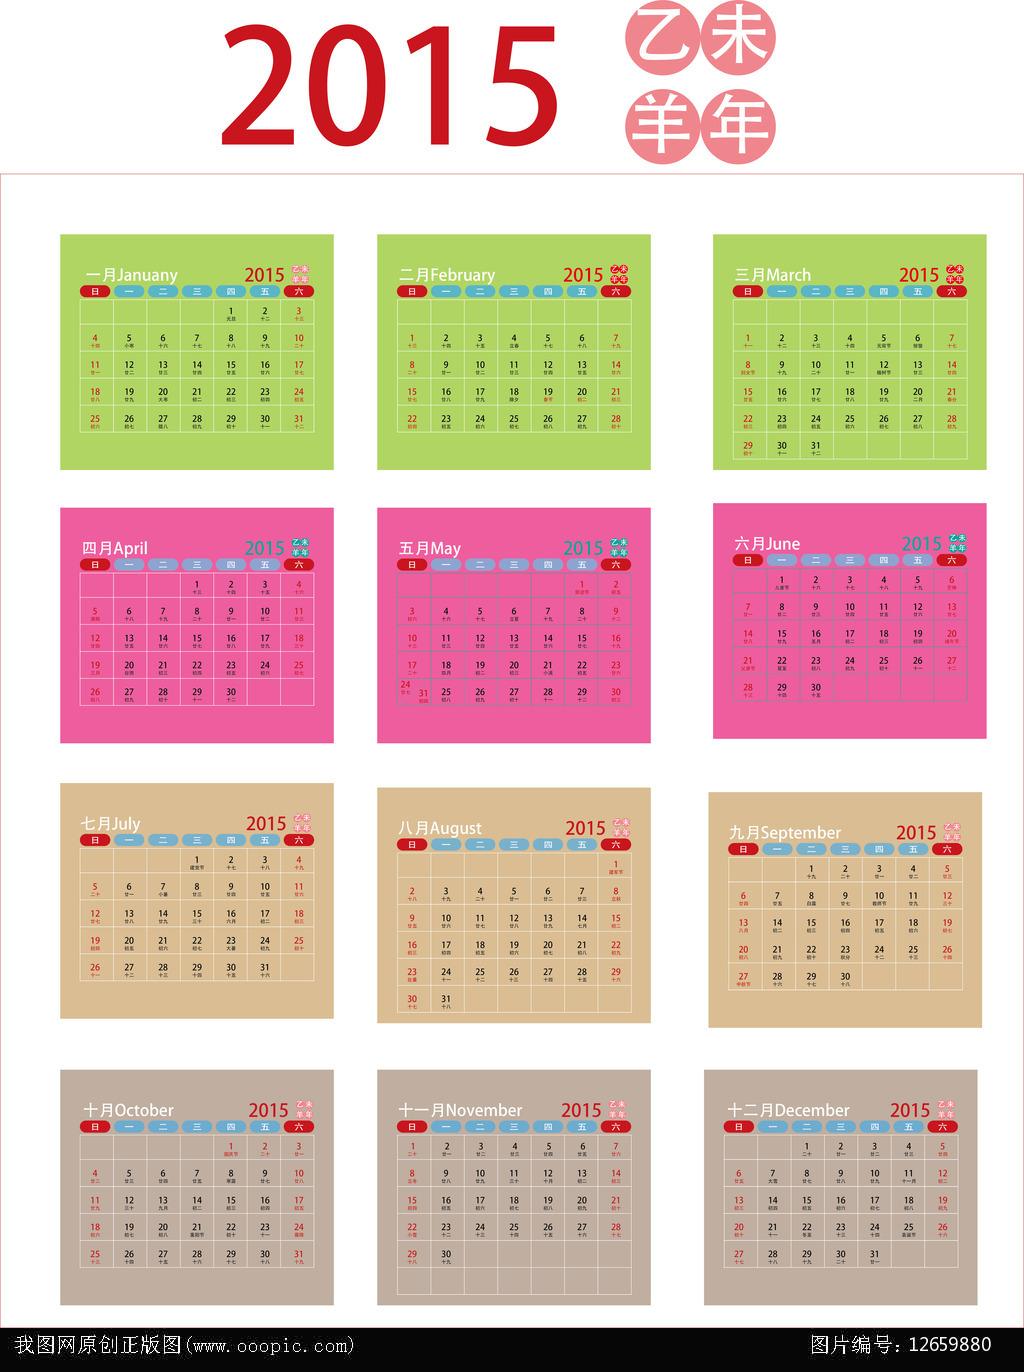 2015羊年挂历日历农历模板设